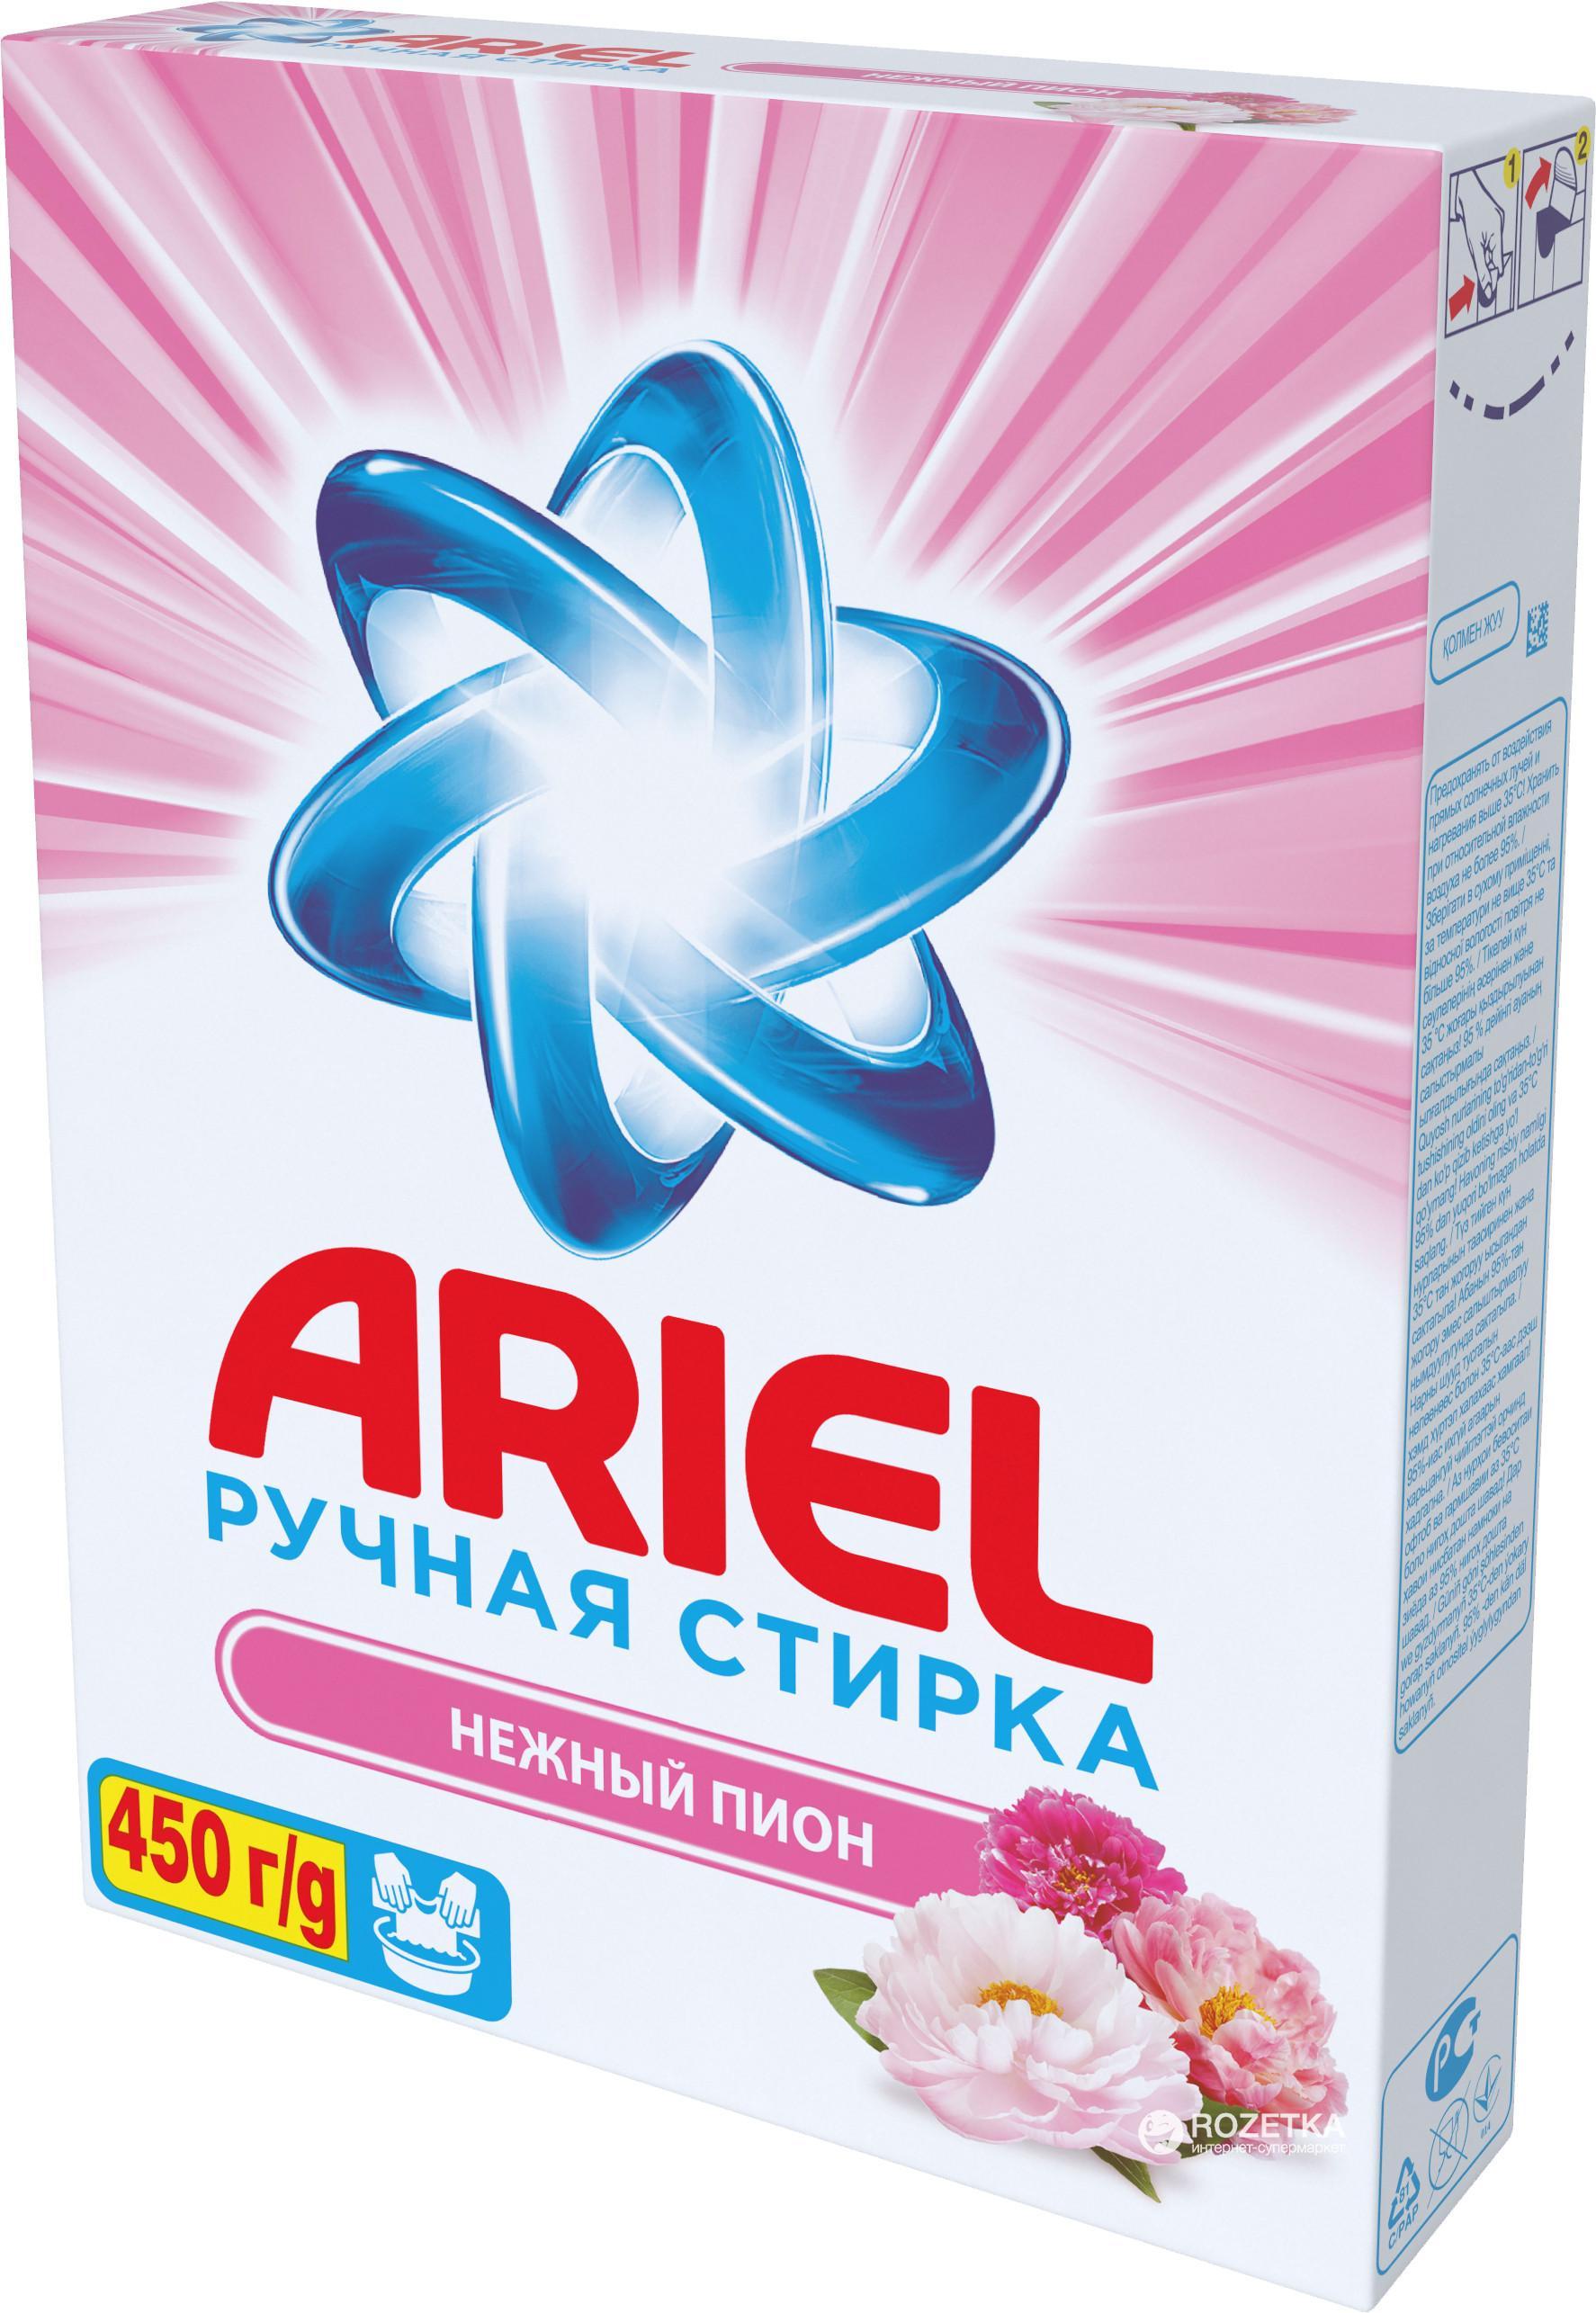 Стиральный порошок Ariel Нежный пион Для ручной стиркаи